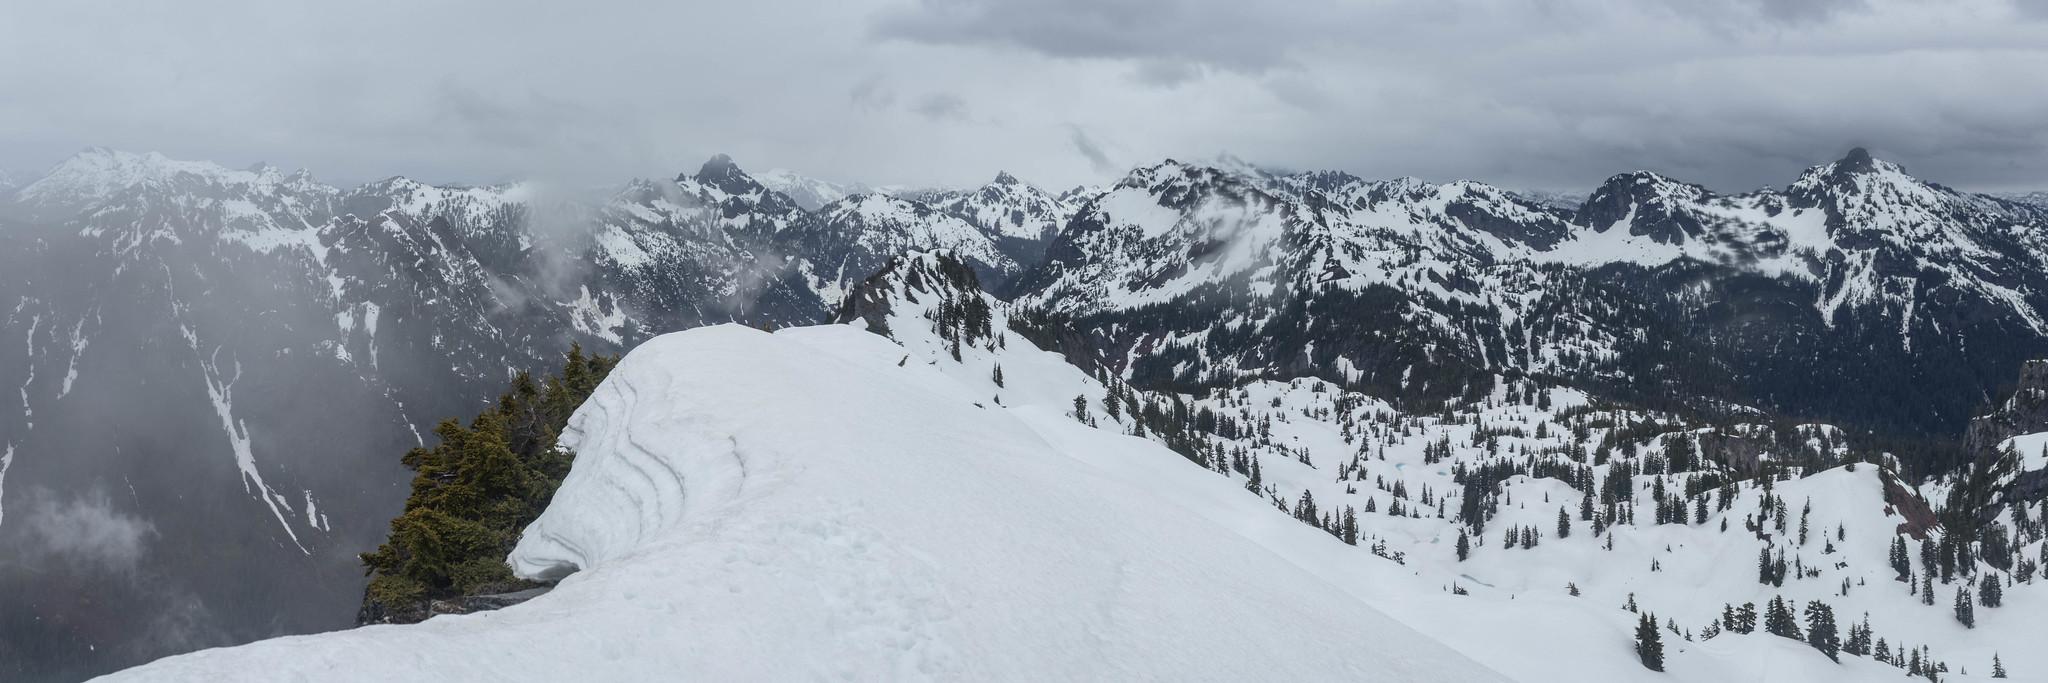 Rampart Ridge northern panoramic view